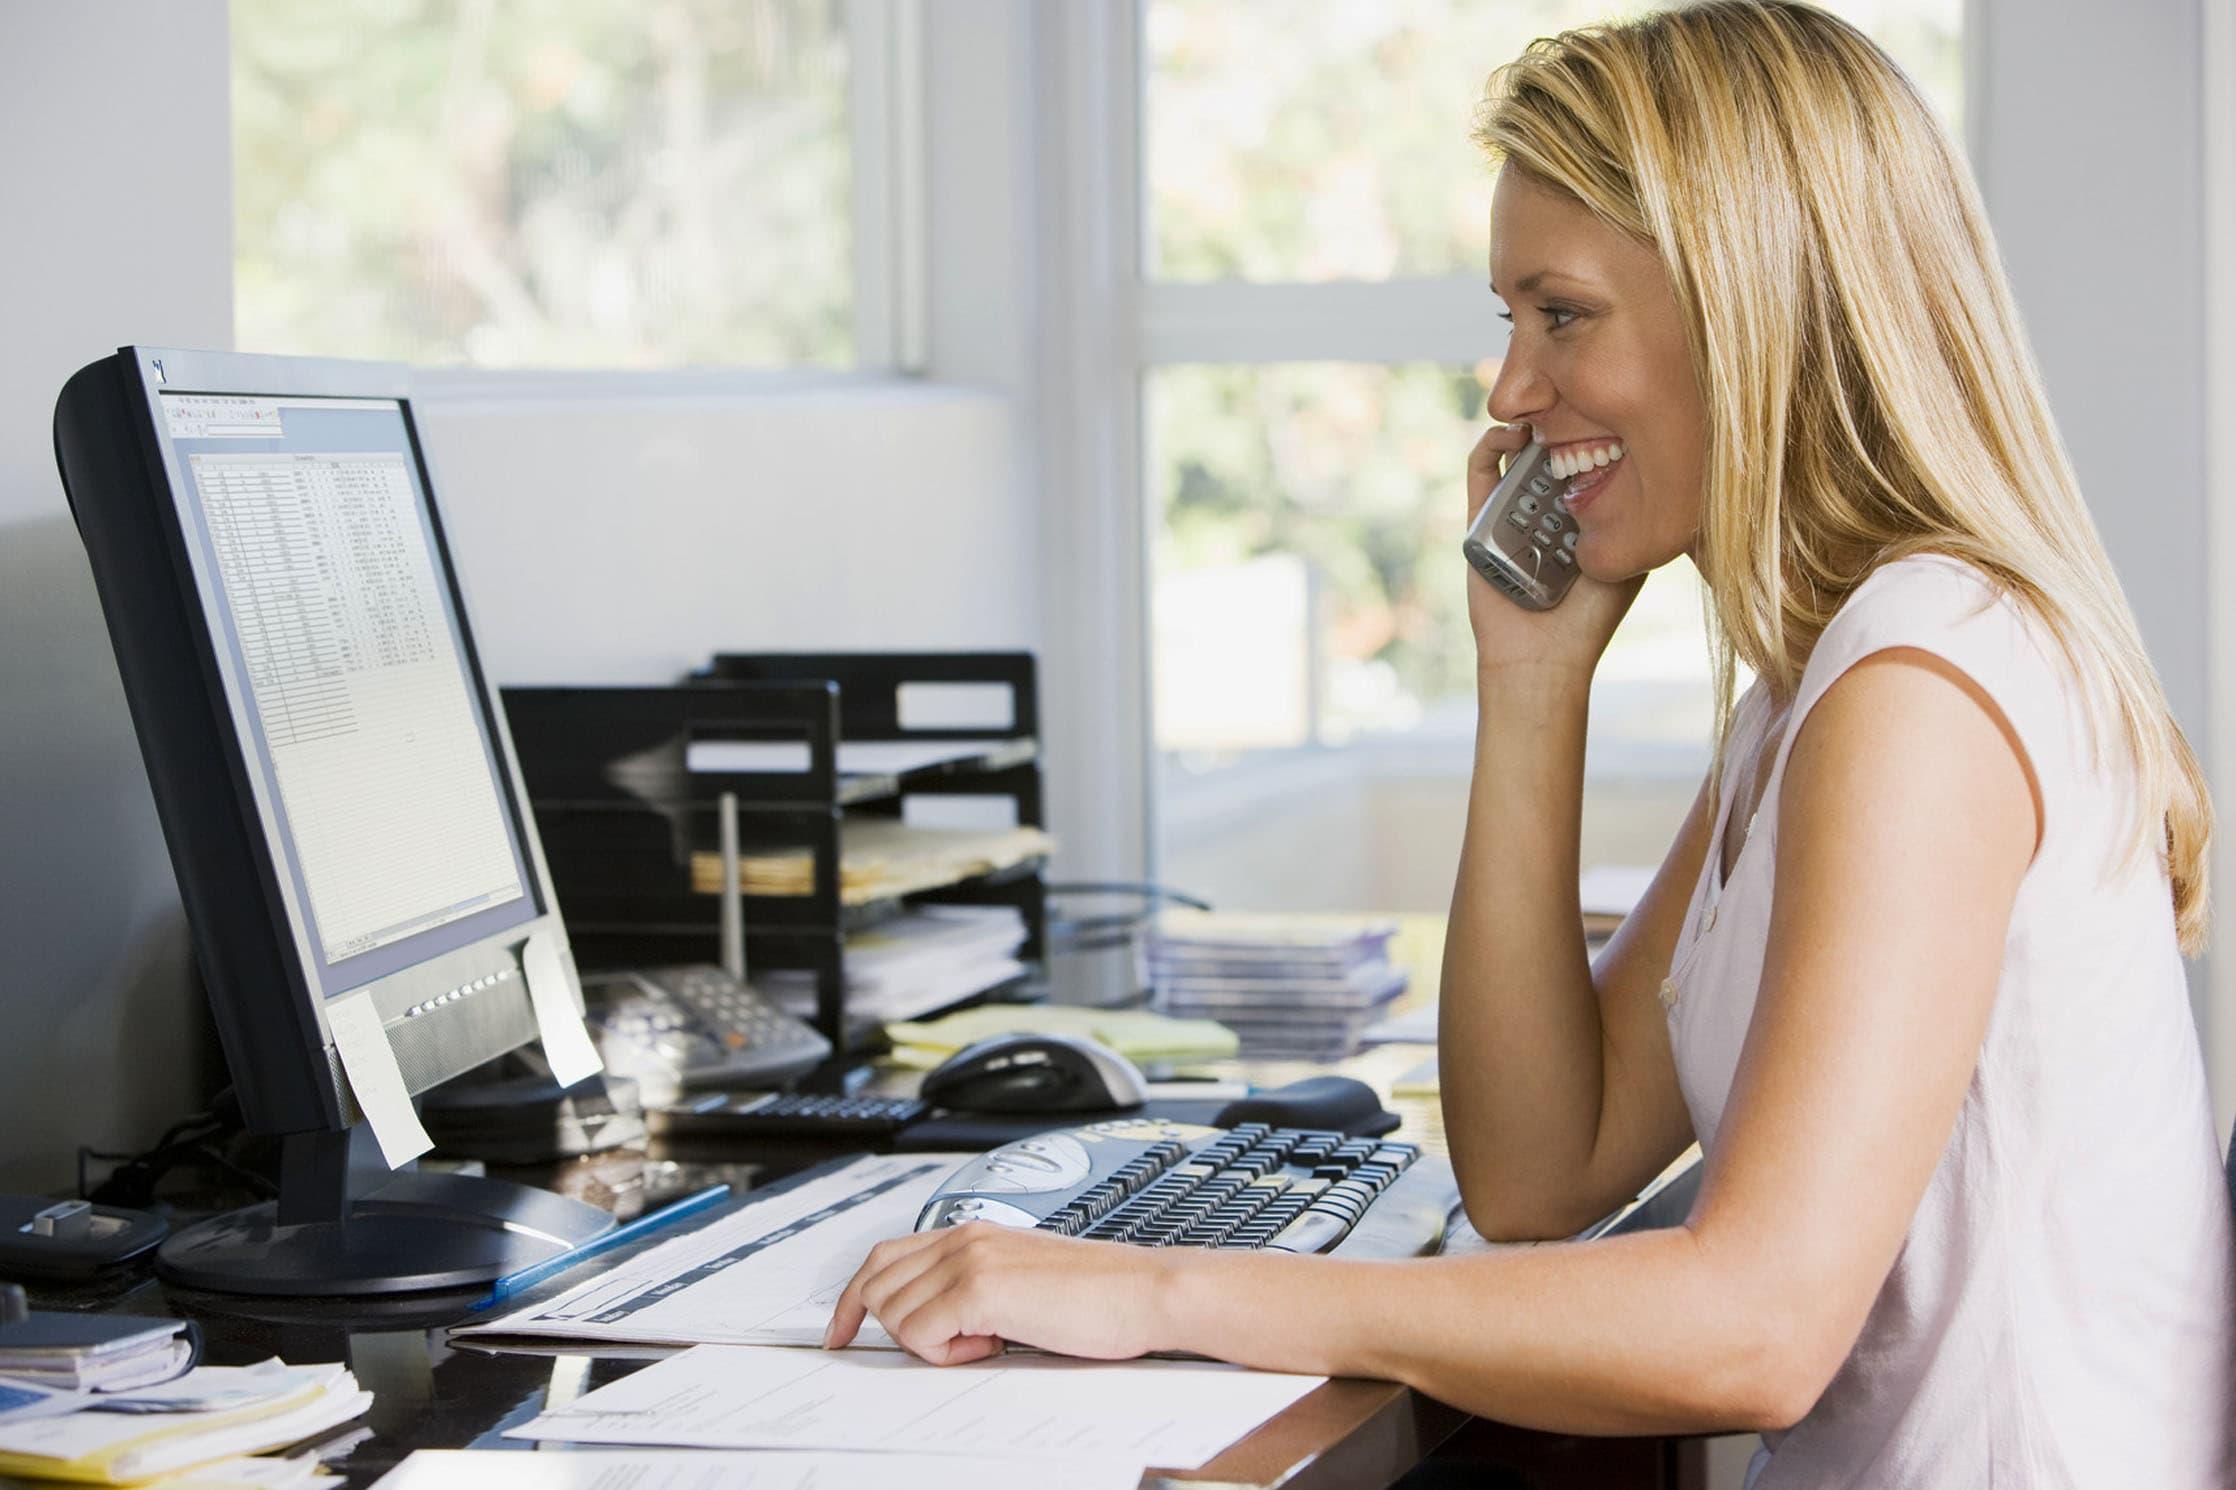 ostéo-article-position-devant-ordinateur